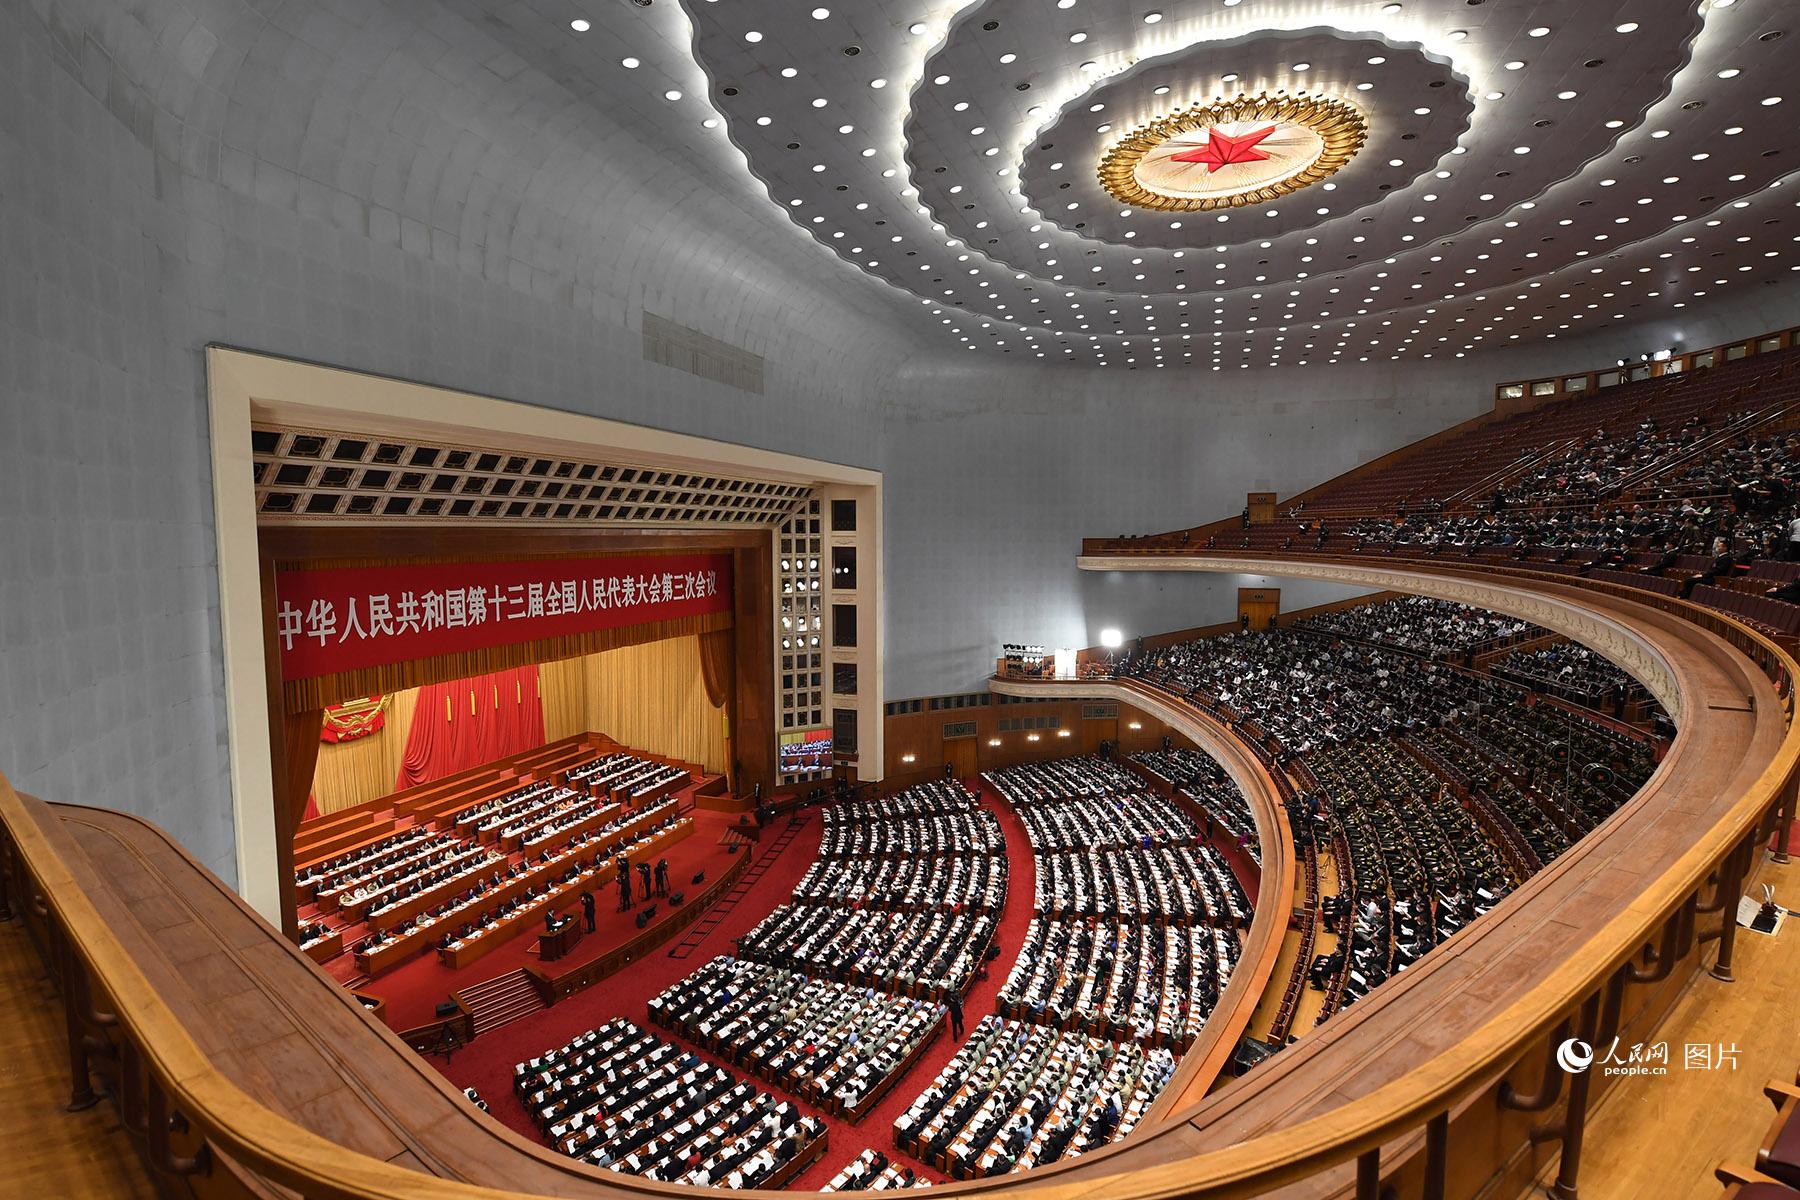 十三届全国人大三次会议开幕会。人民网记者 翁奇羽 摄